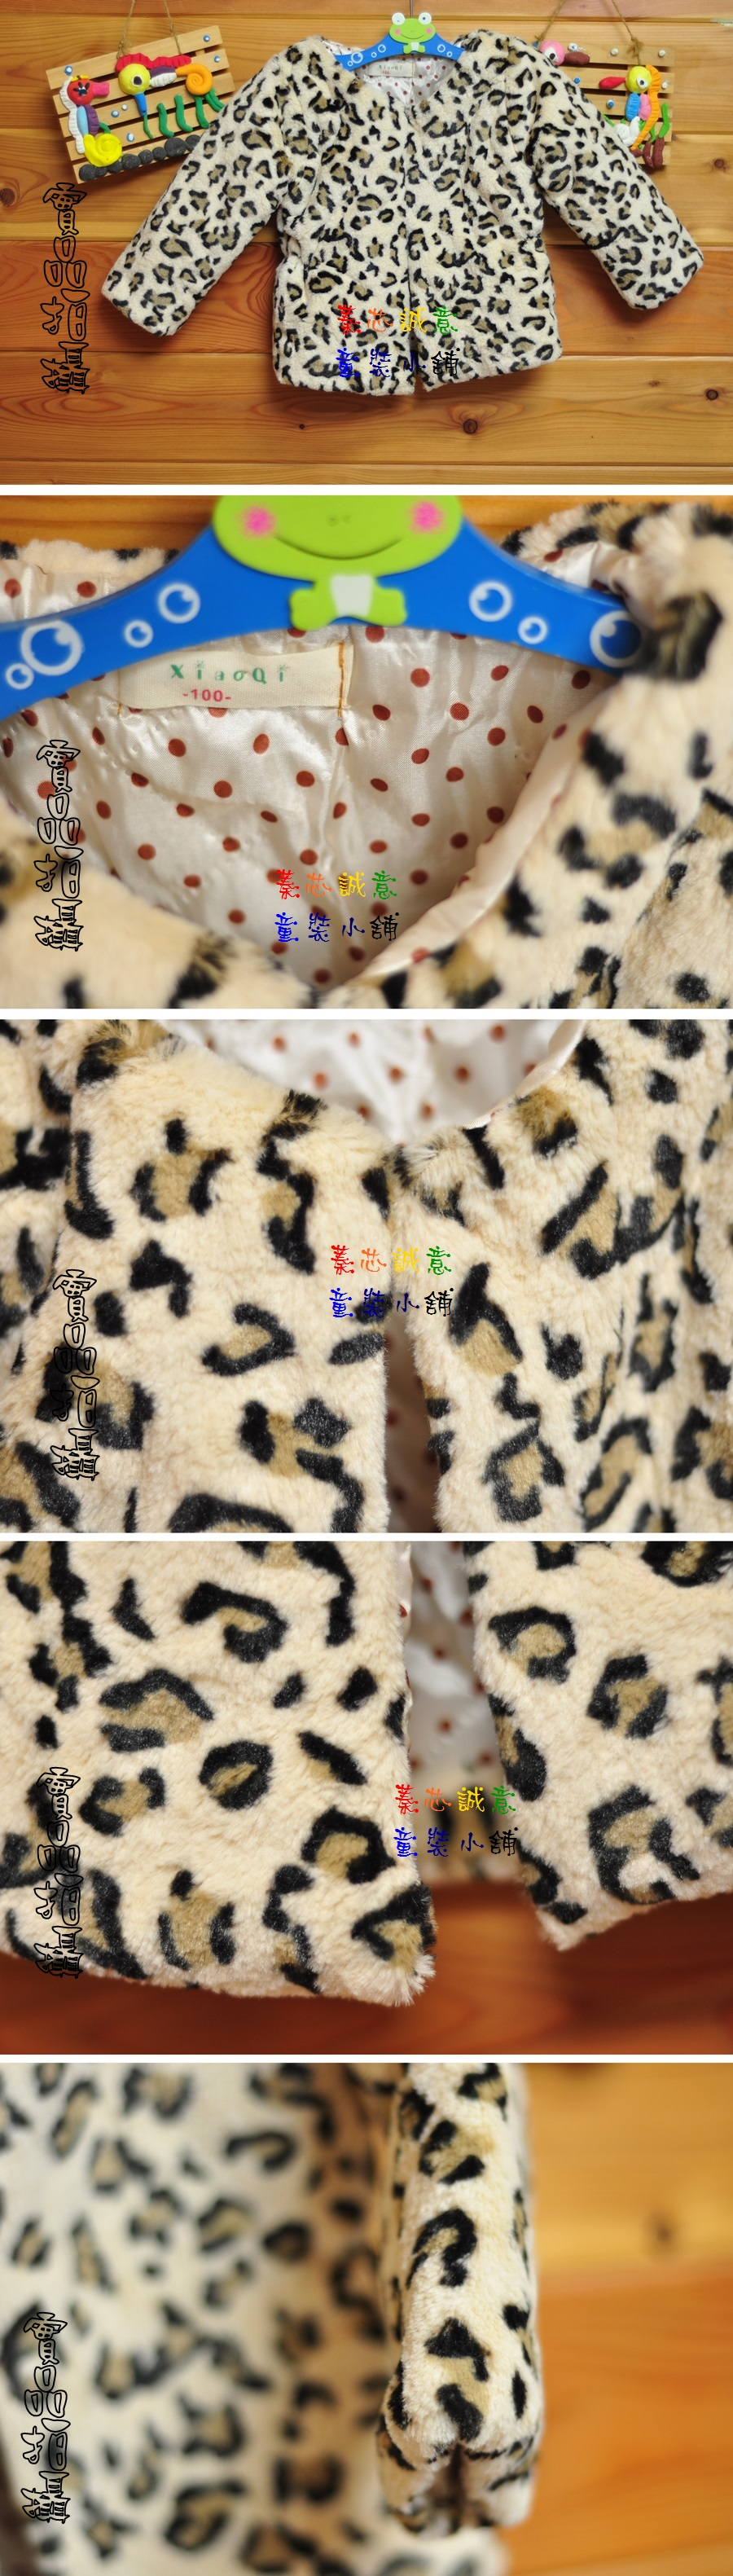 【C027】冬款溫暖系列~超好看貴氣豹紋毛毛~絲光棉內裡~柔軟珊瑚絨好保暖~二顆扣外套((尺寸一歲穿))